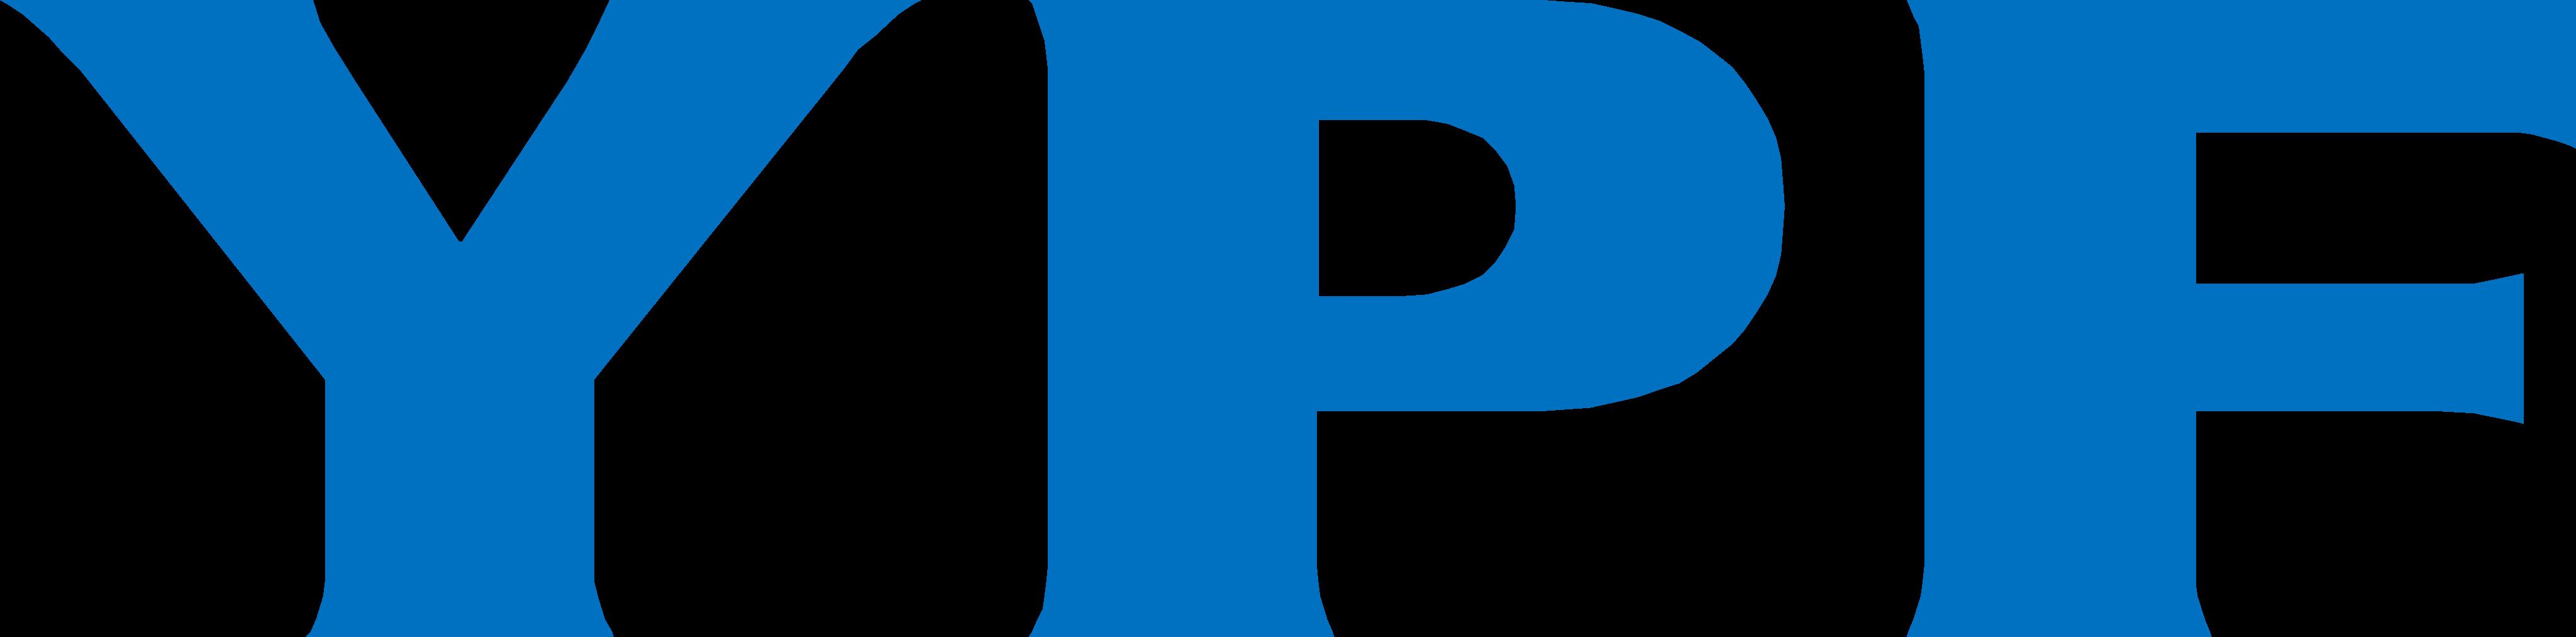 ypf logo 1 - YPF Logo